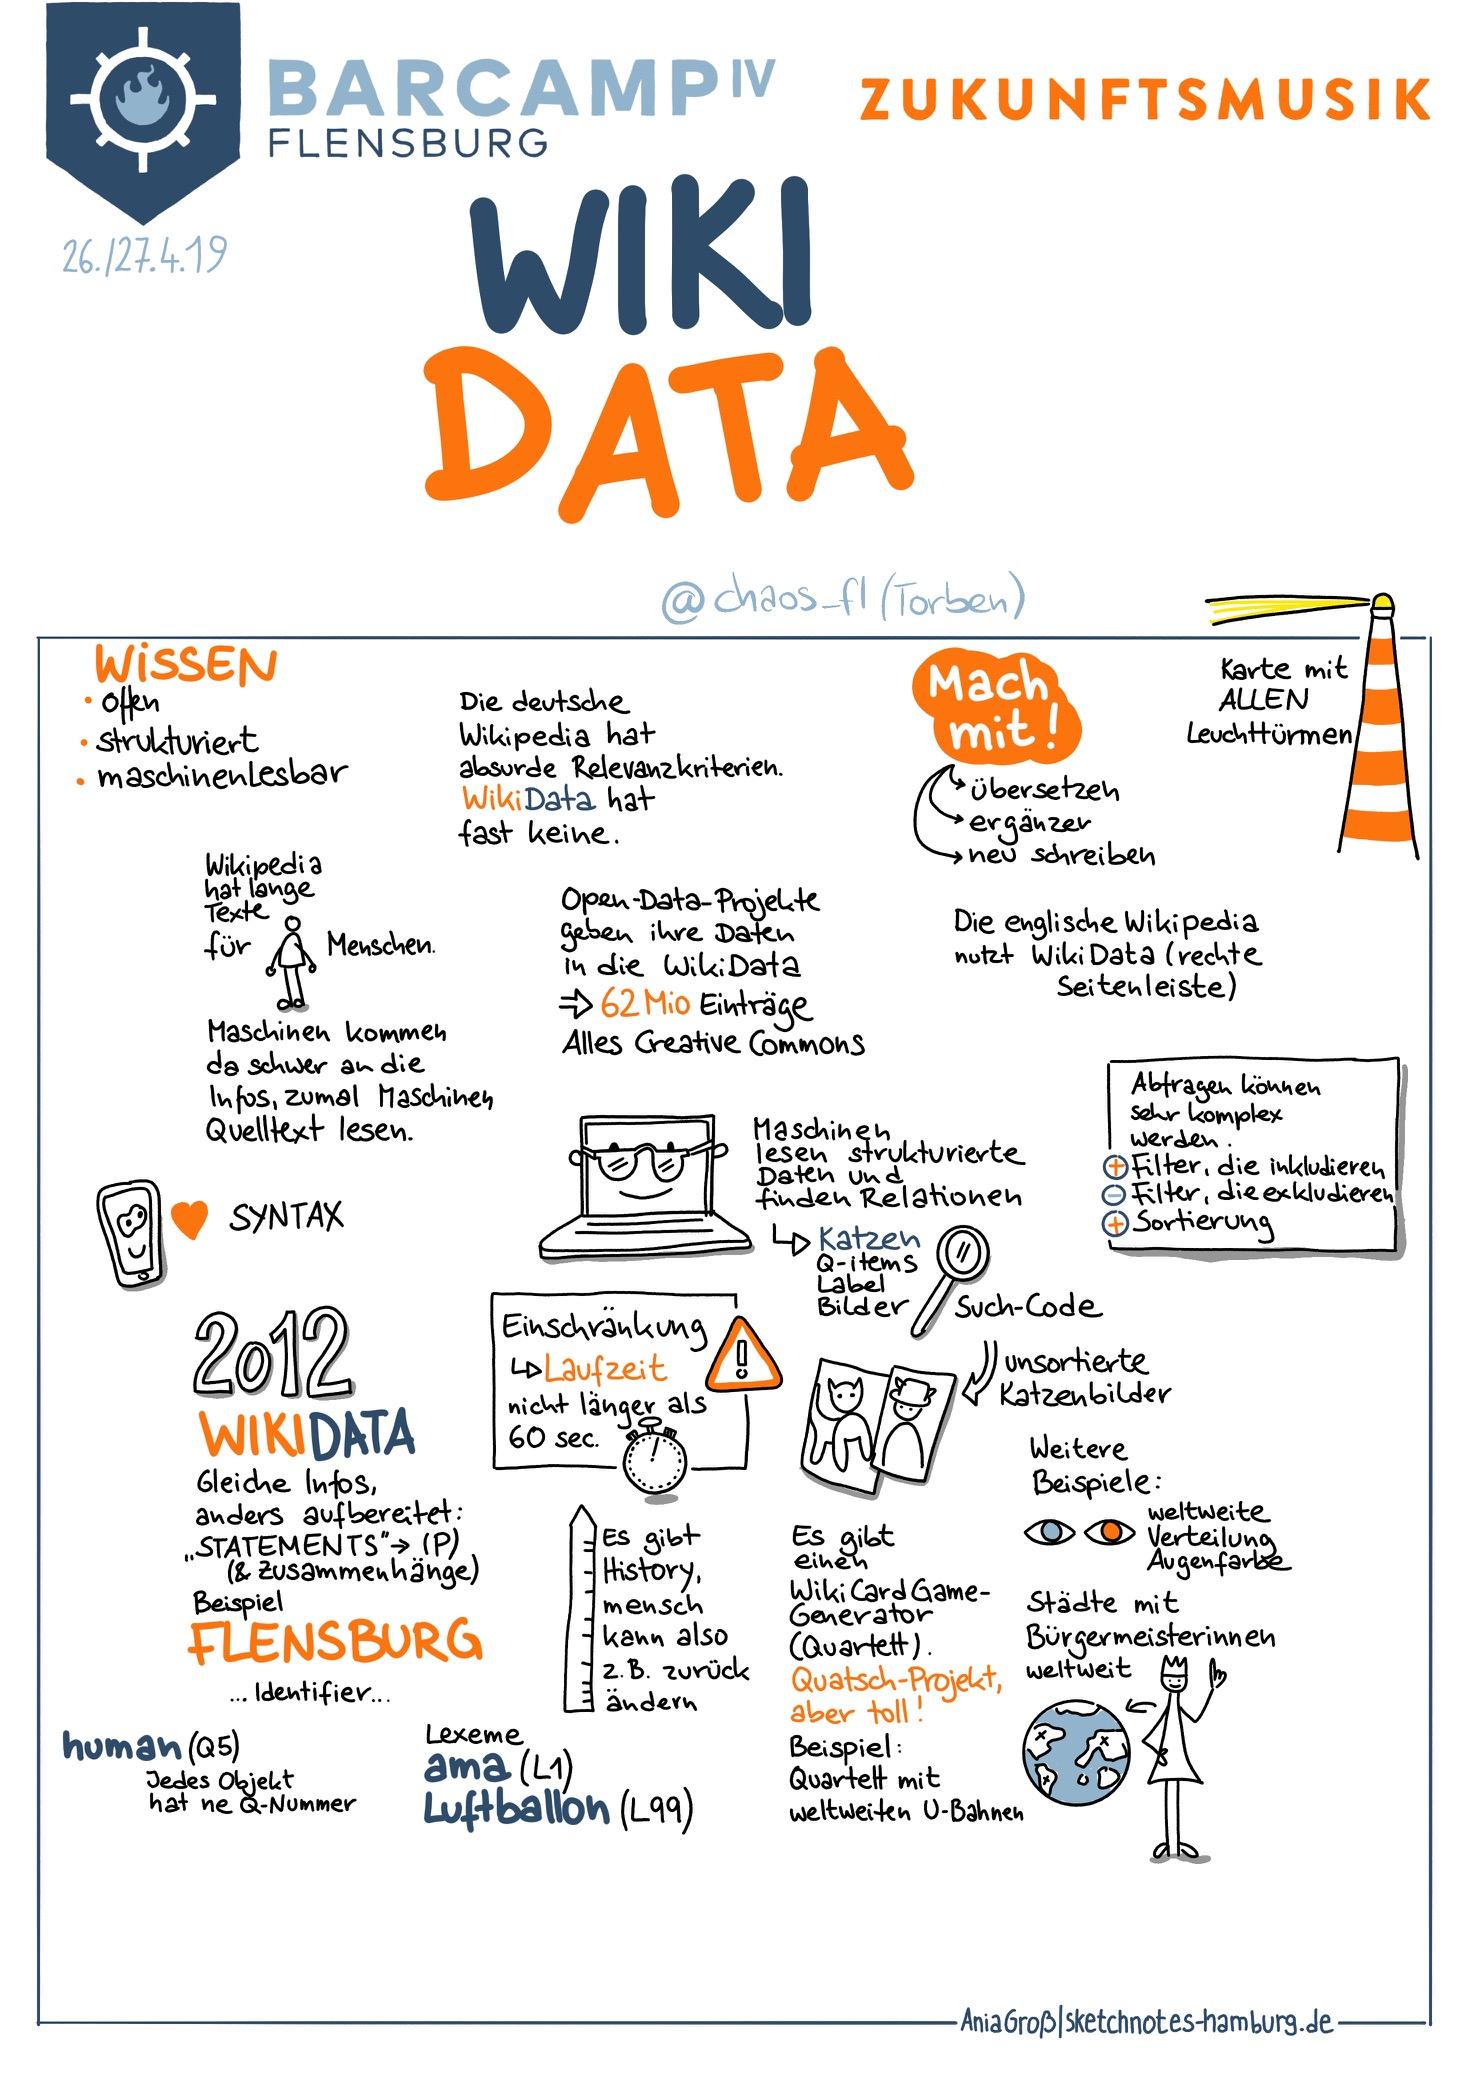 """Wissen offen, strukturiert und vor allem maschinenlesbar anbieten. Das tut das Projekt """"WikiData"""". Sketchnotes: © Ania Groß"""